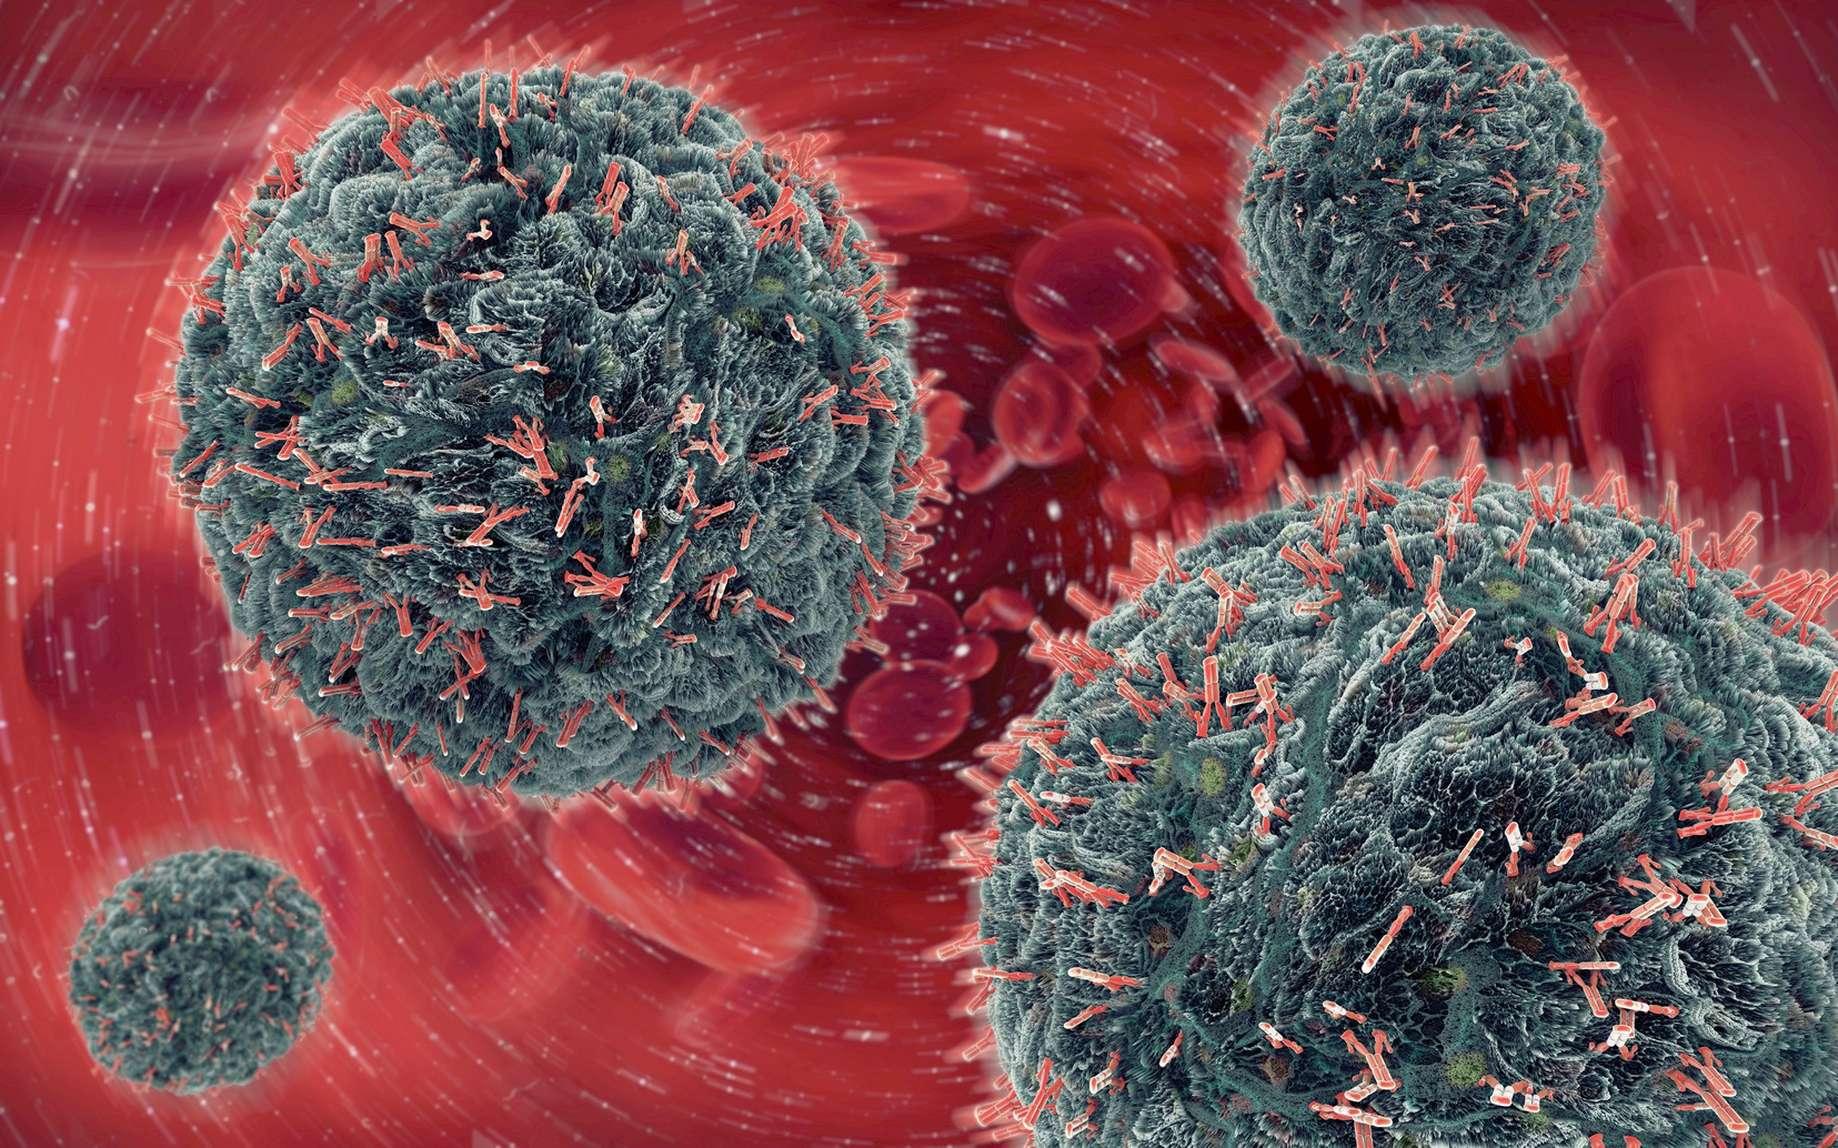 Lors d'une infection virale, le système immunitaire crée des anticorps. Ce sont ces anticorps qui sont recherchés dans les tests sérologiques. Dans le cas du Covid-19, leur sensibilité n'est pas suffisante. © Christophe Burgstedt, Fotolia